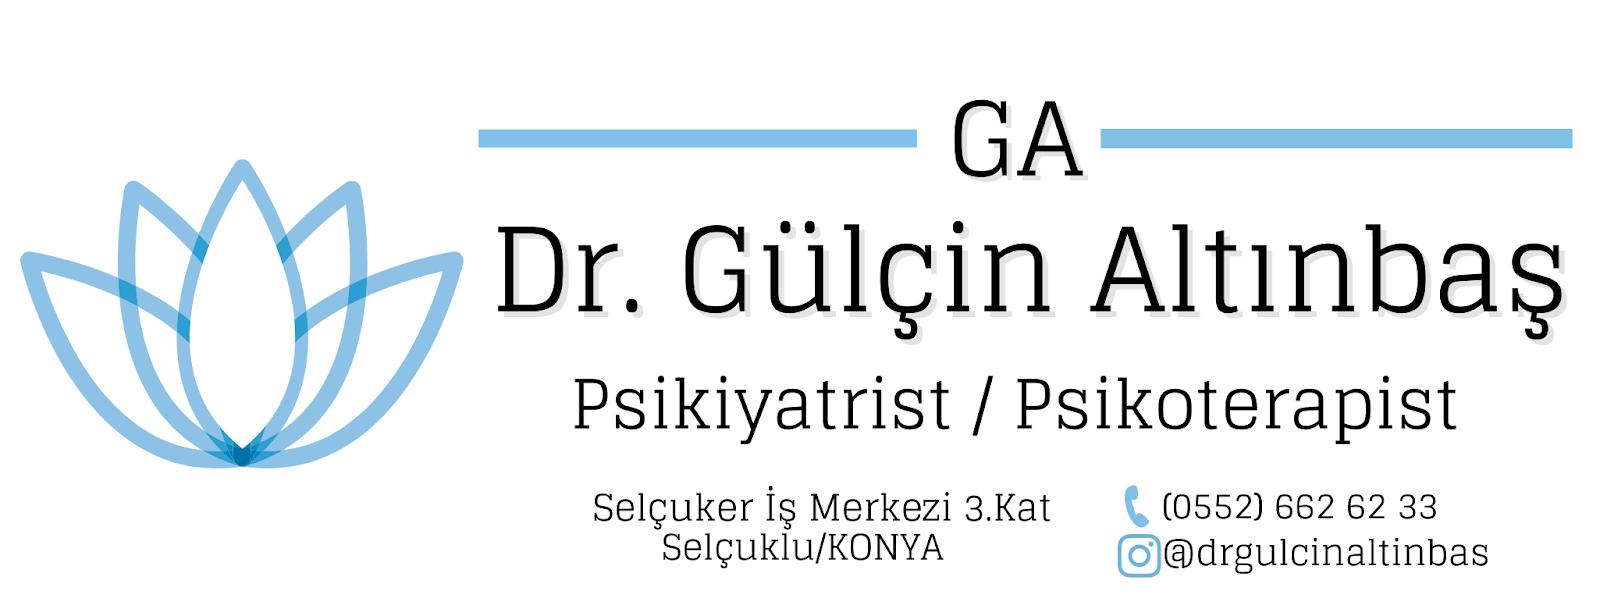 Dr. Gülçin Altınbaş